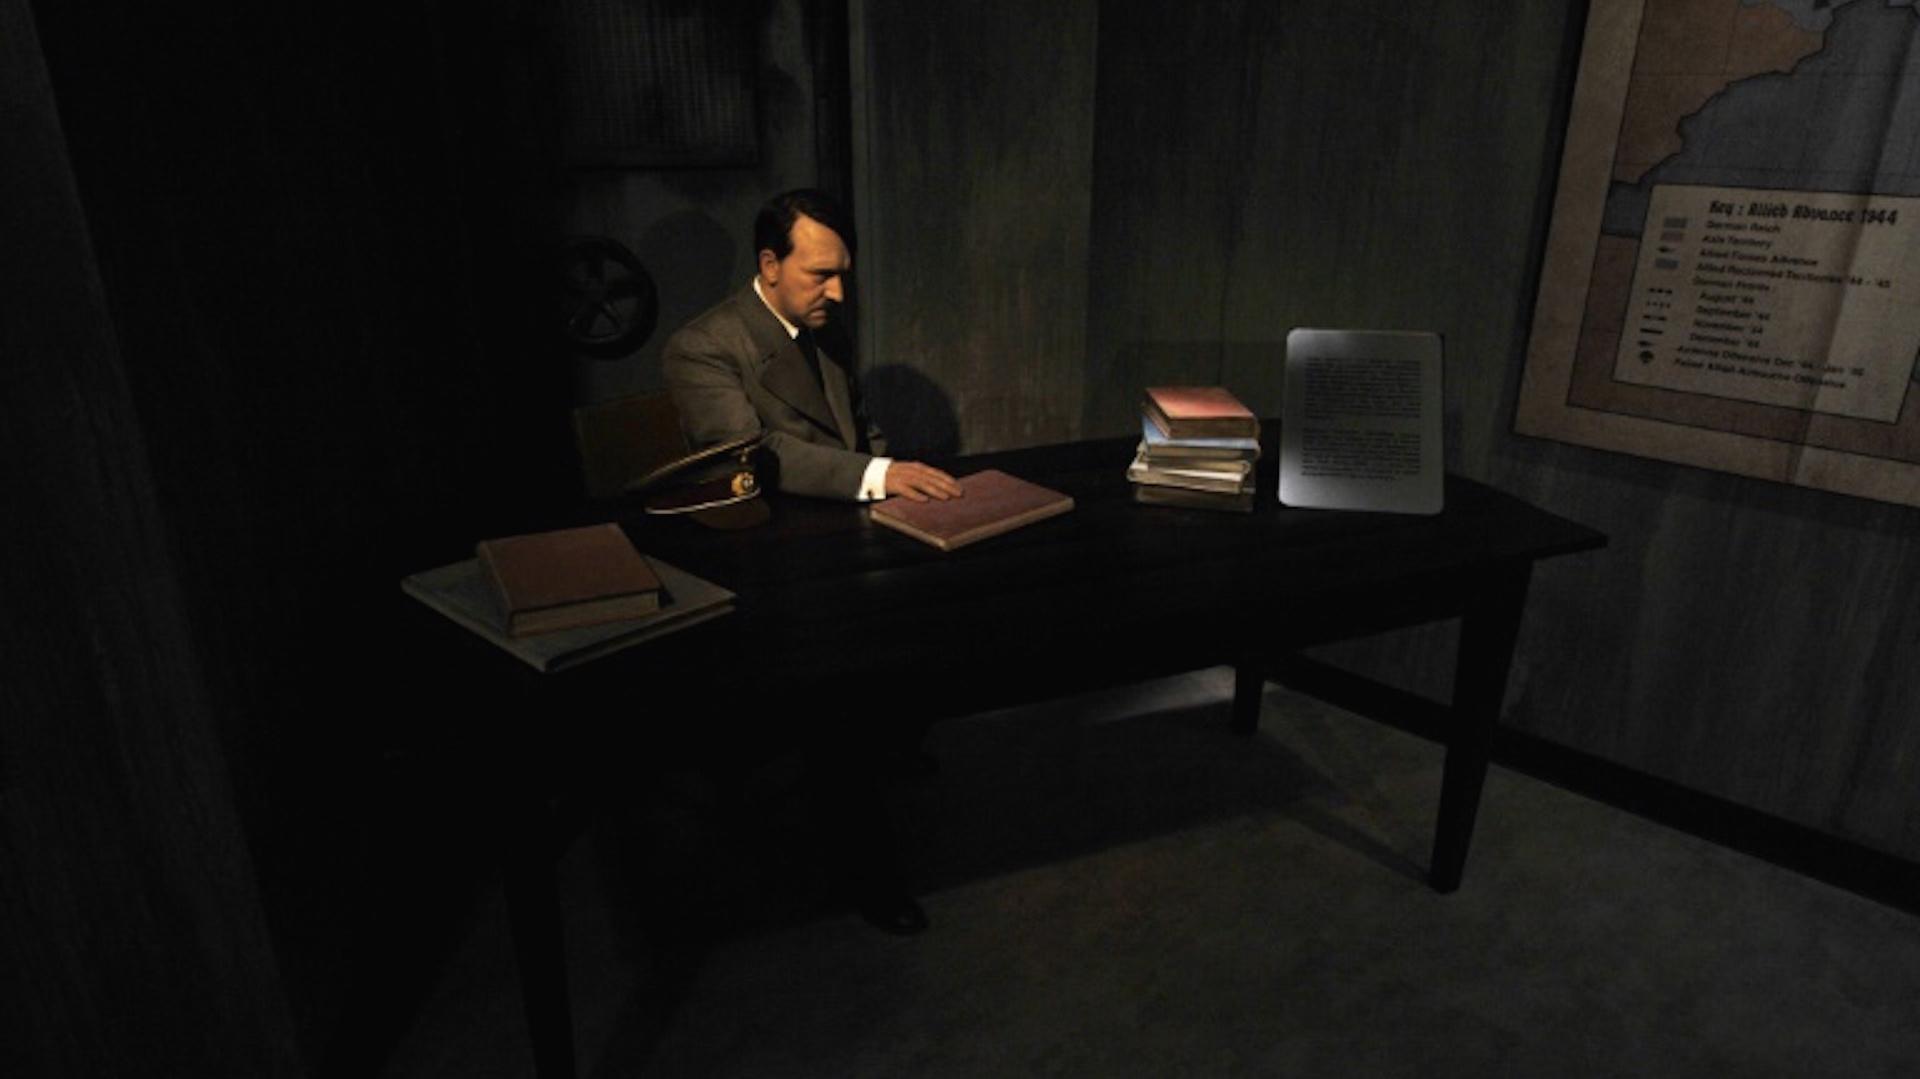 Una figura de cera de Adolf Hitler, que le representa en su búnker poco antes del fin de la Segunda Guerra Mundial, el 3 de julio del año 2008 en el museo de cera Madame Tussaud de Berlín (AFP/Archivos - John MacDougall)